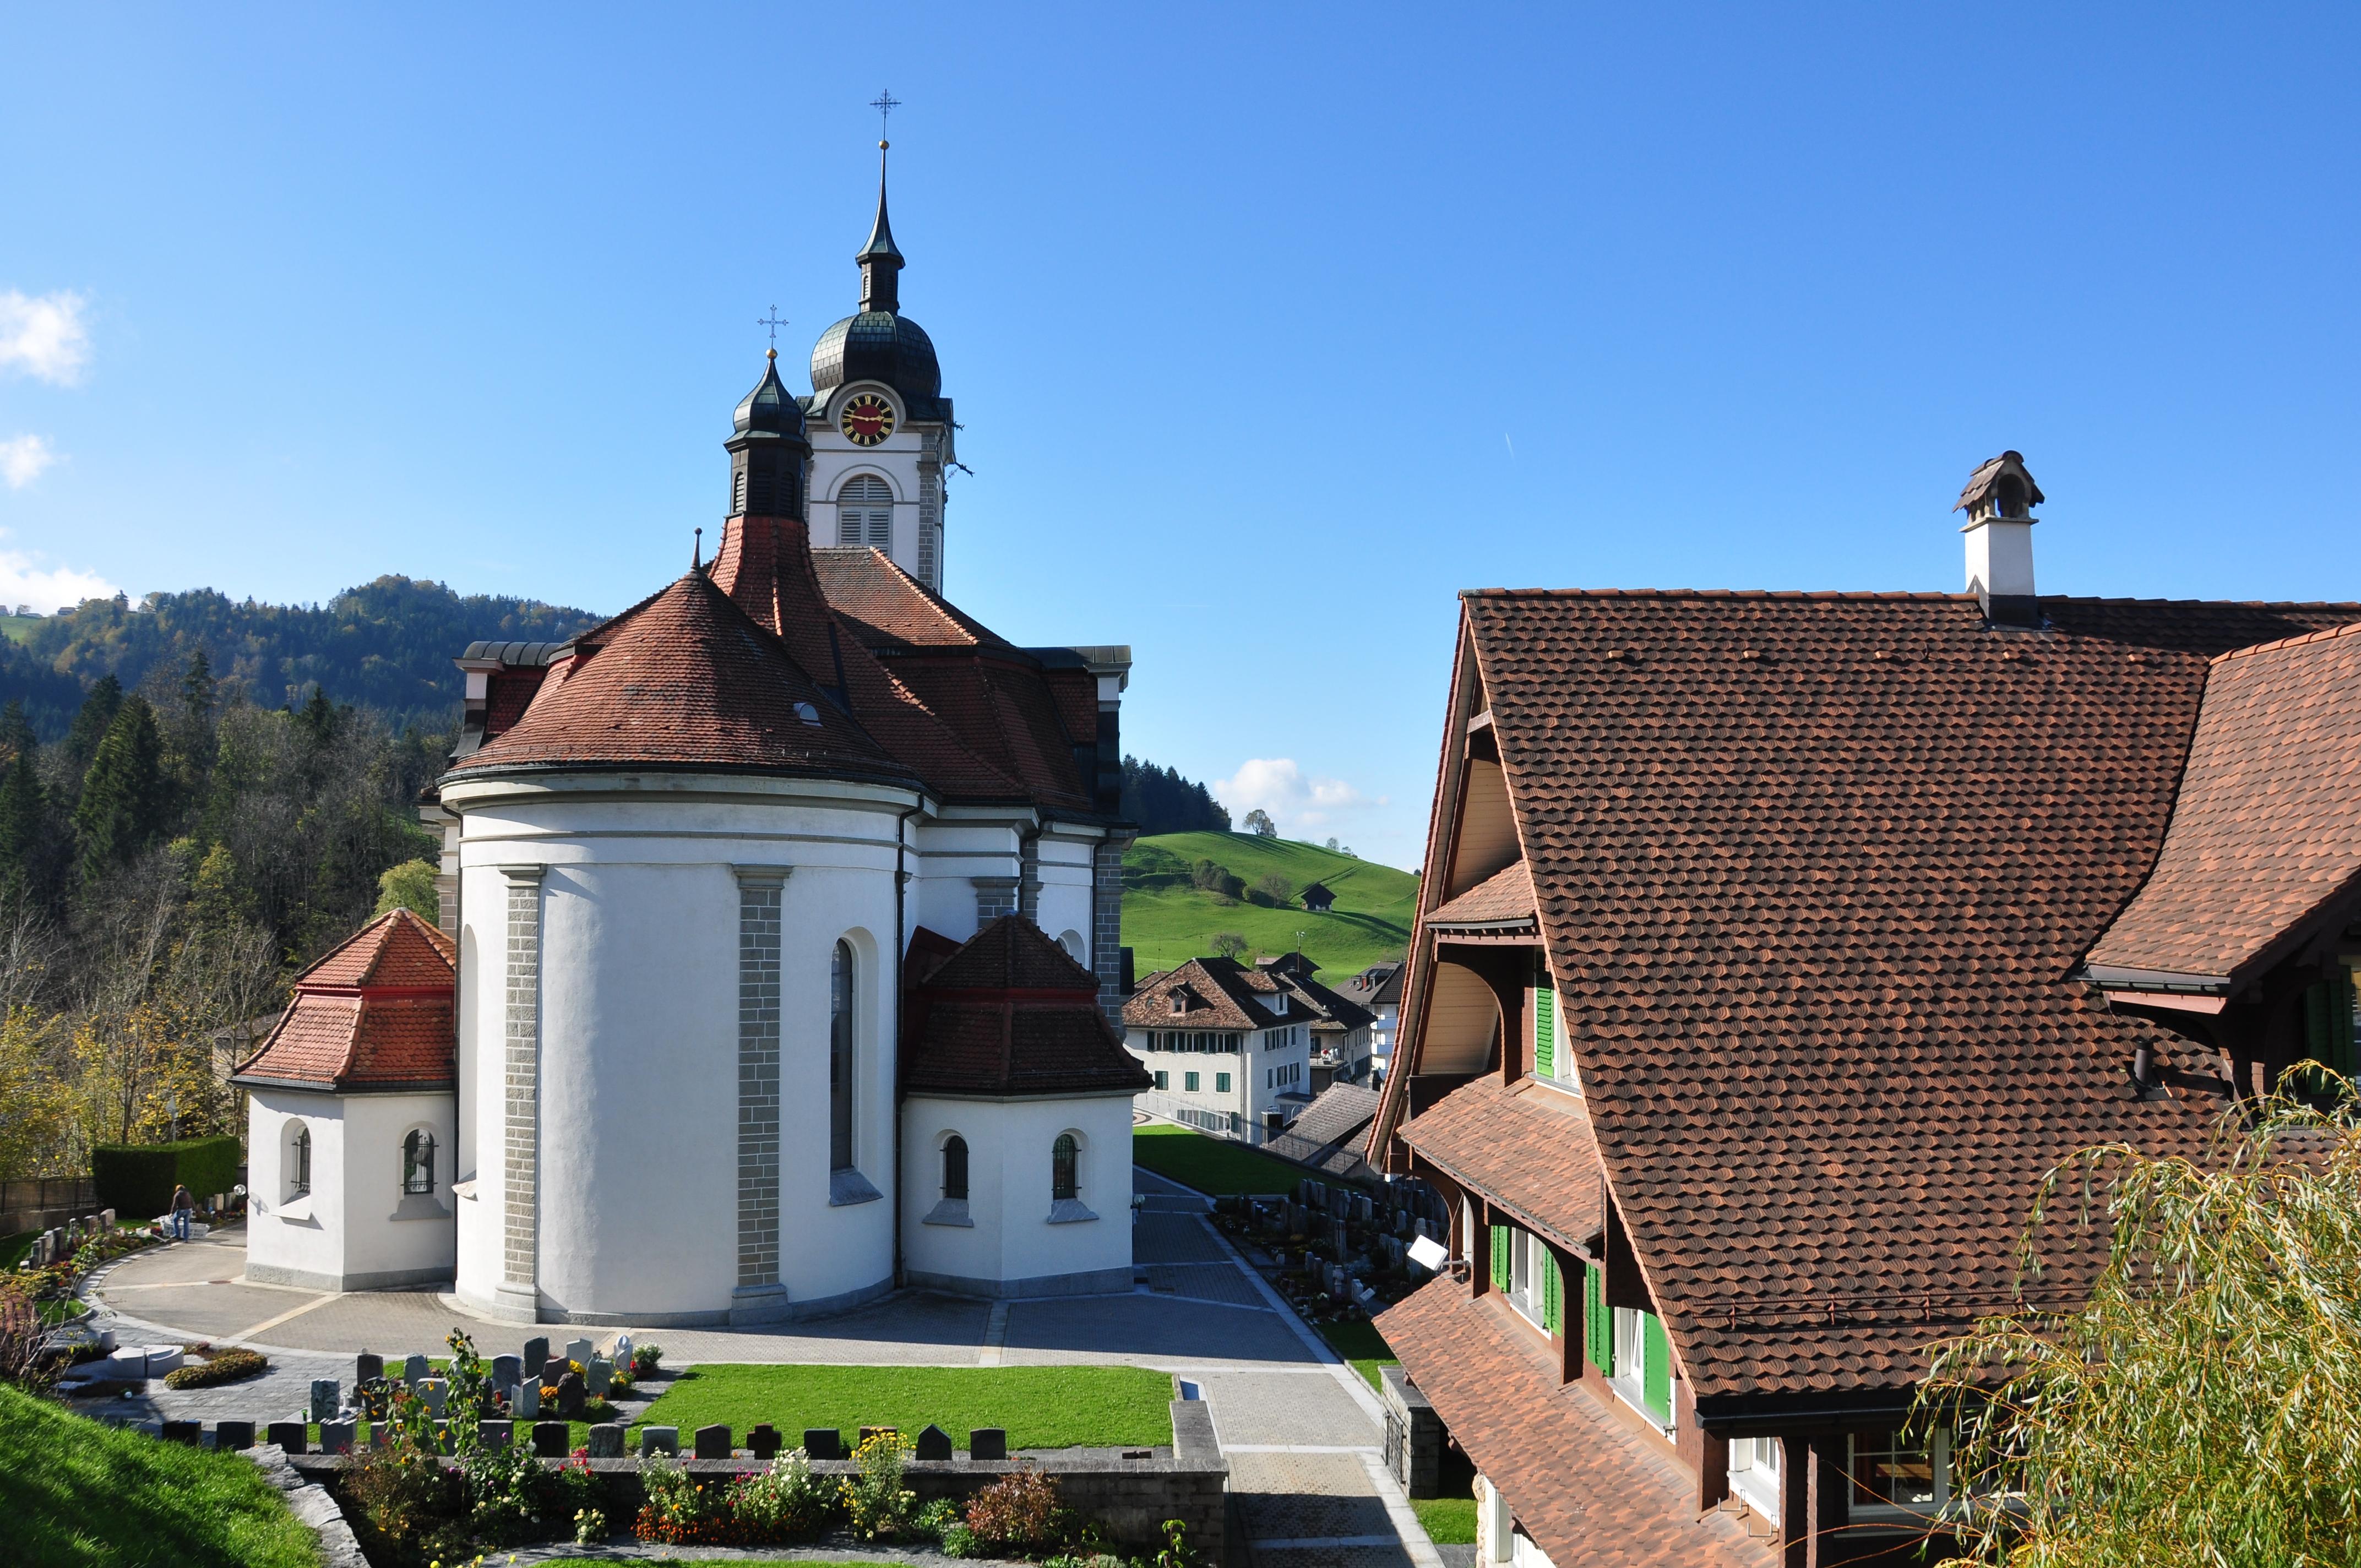 Schindellegi Switzerland  City pictures : Description Schindellegi St. Anna Kirche Etzel 2010 10 21 14 47 52 ...